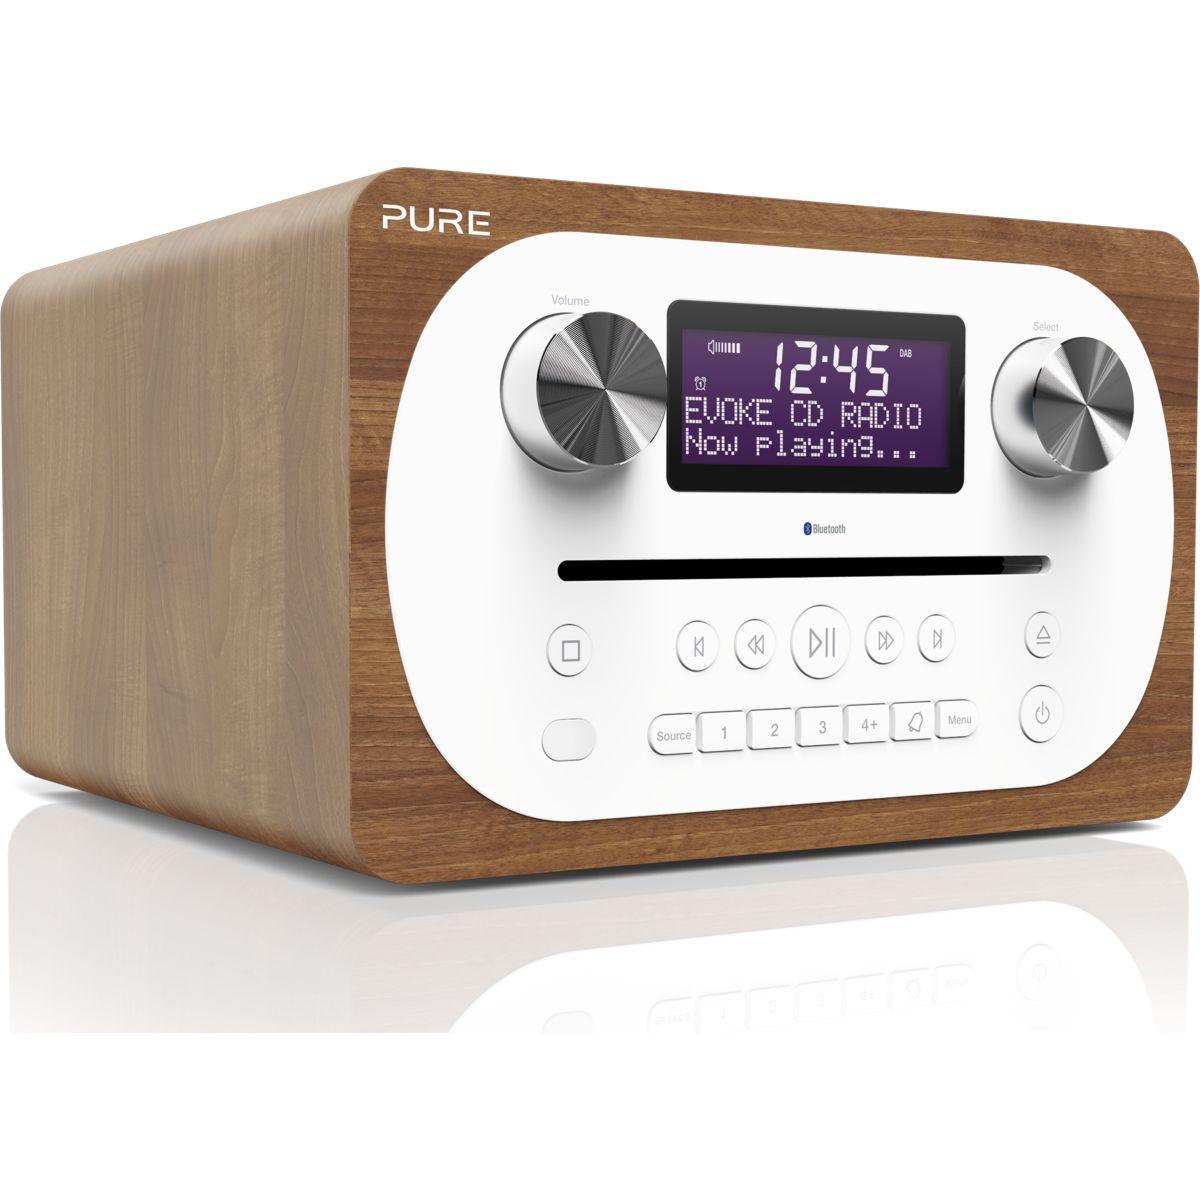 Radio cd pure evoke c-d4 dab+ - 20% de remise imm�diate avec le code : fete20 (photo)